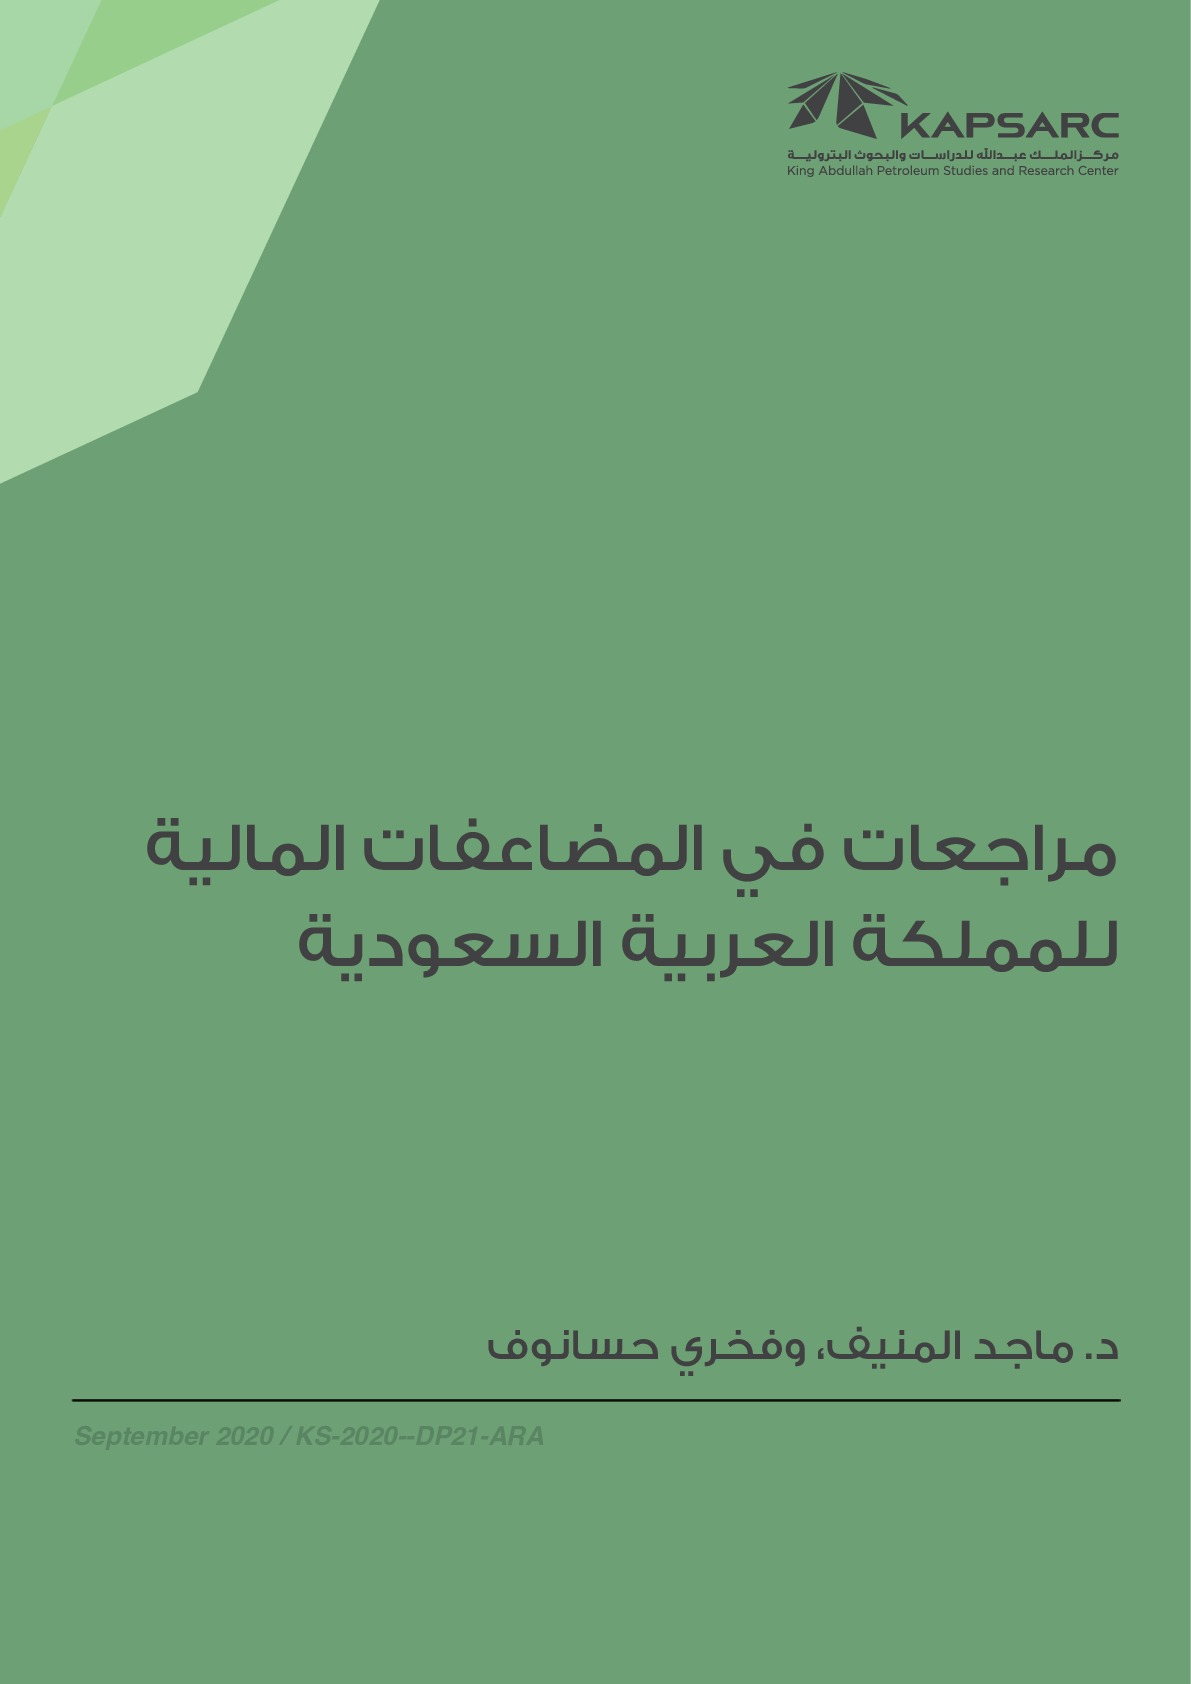 مراجعات في المضاعفات المالية للمملكة العربية السعودية